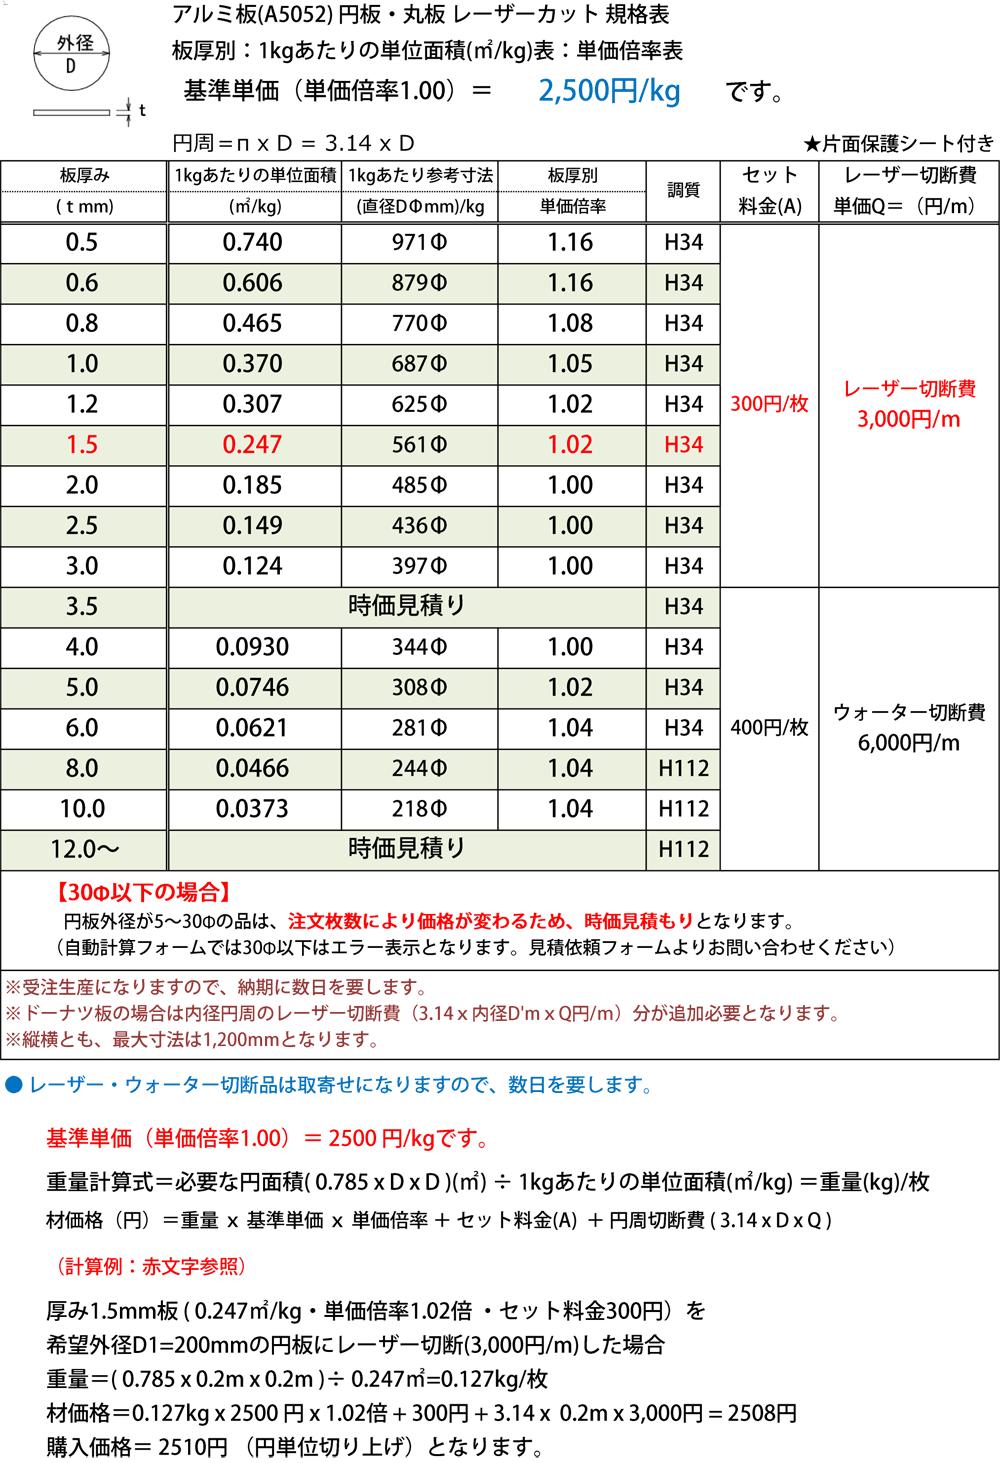 アルミ板(A5052) 円板 任意円径寸法 レーザーカット 切り売り(通販 ...